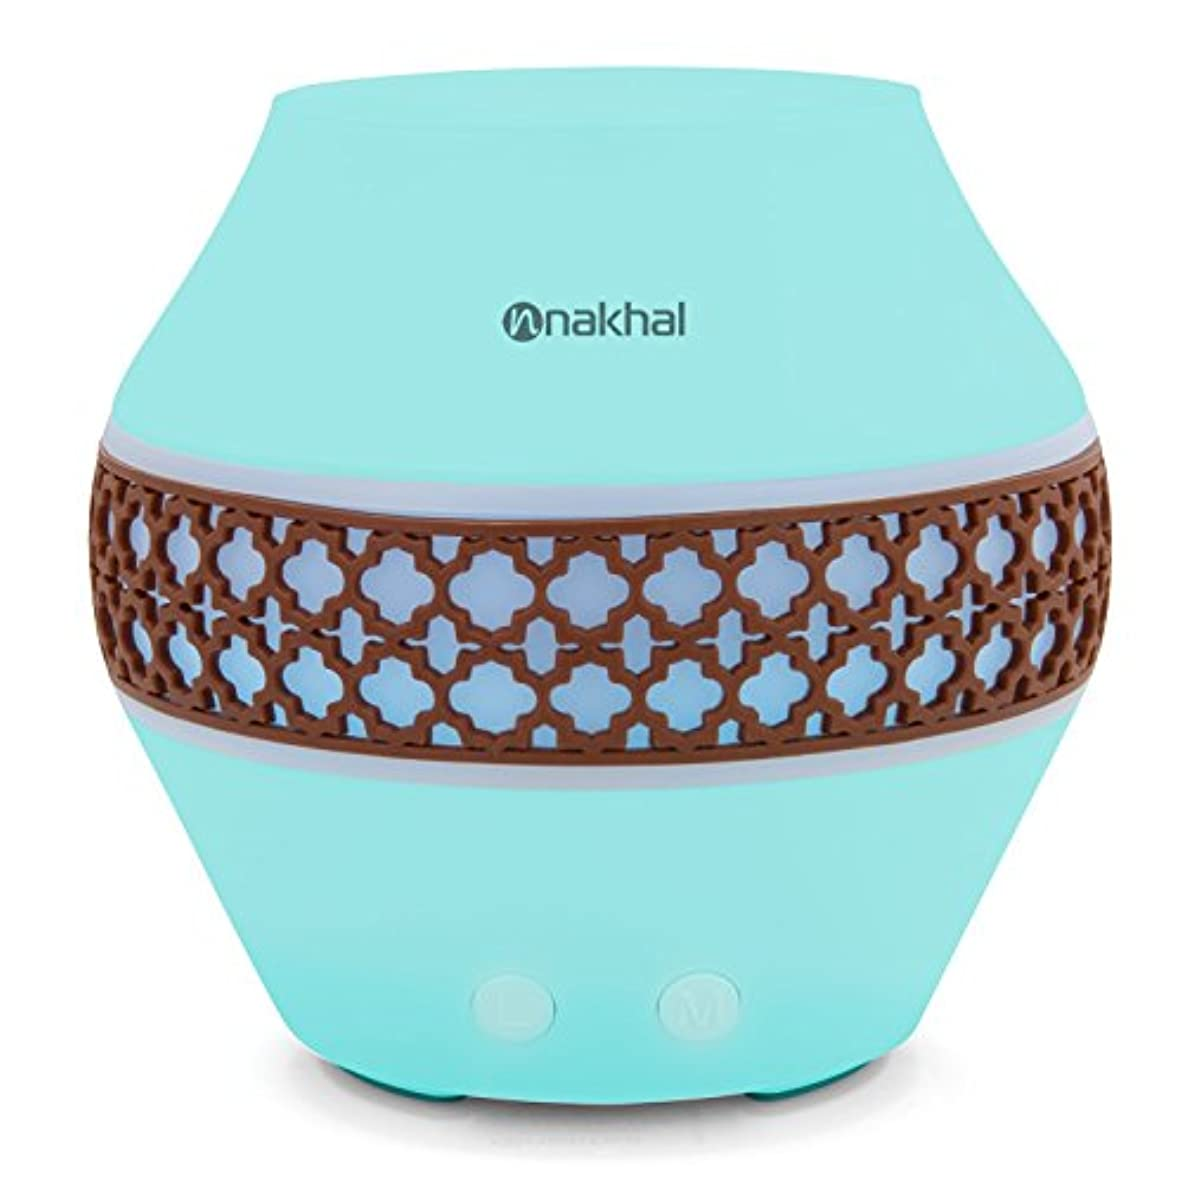 眉をひそめる最適漏れNakhal 120 ml Aromatherapy Essential Oil Diffuser、超音波クールなミスト加湿器で7色LEDライト変更 – Classical